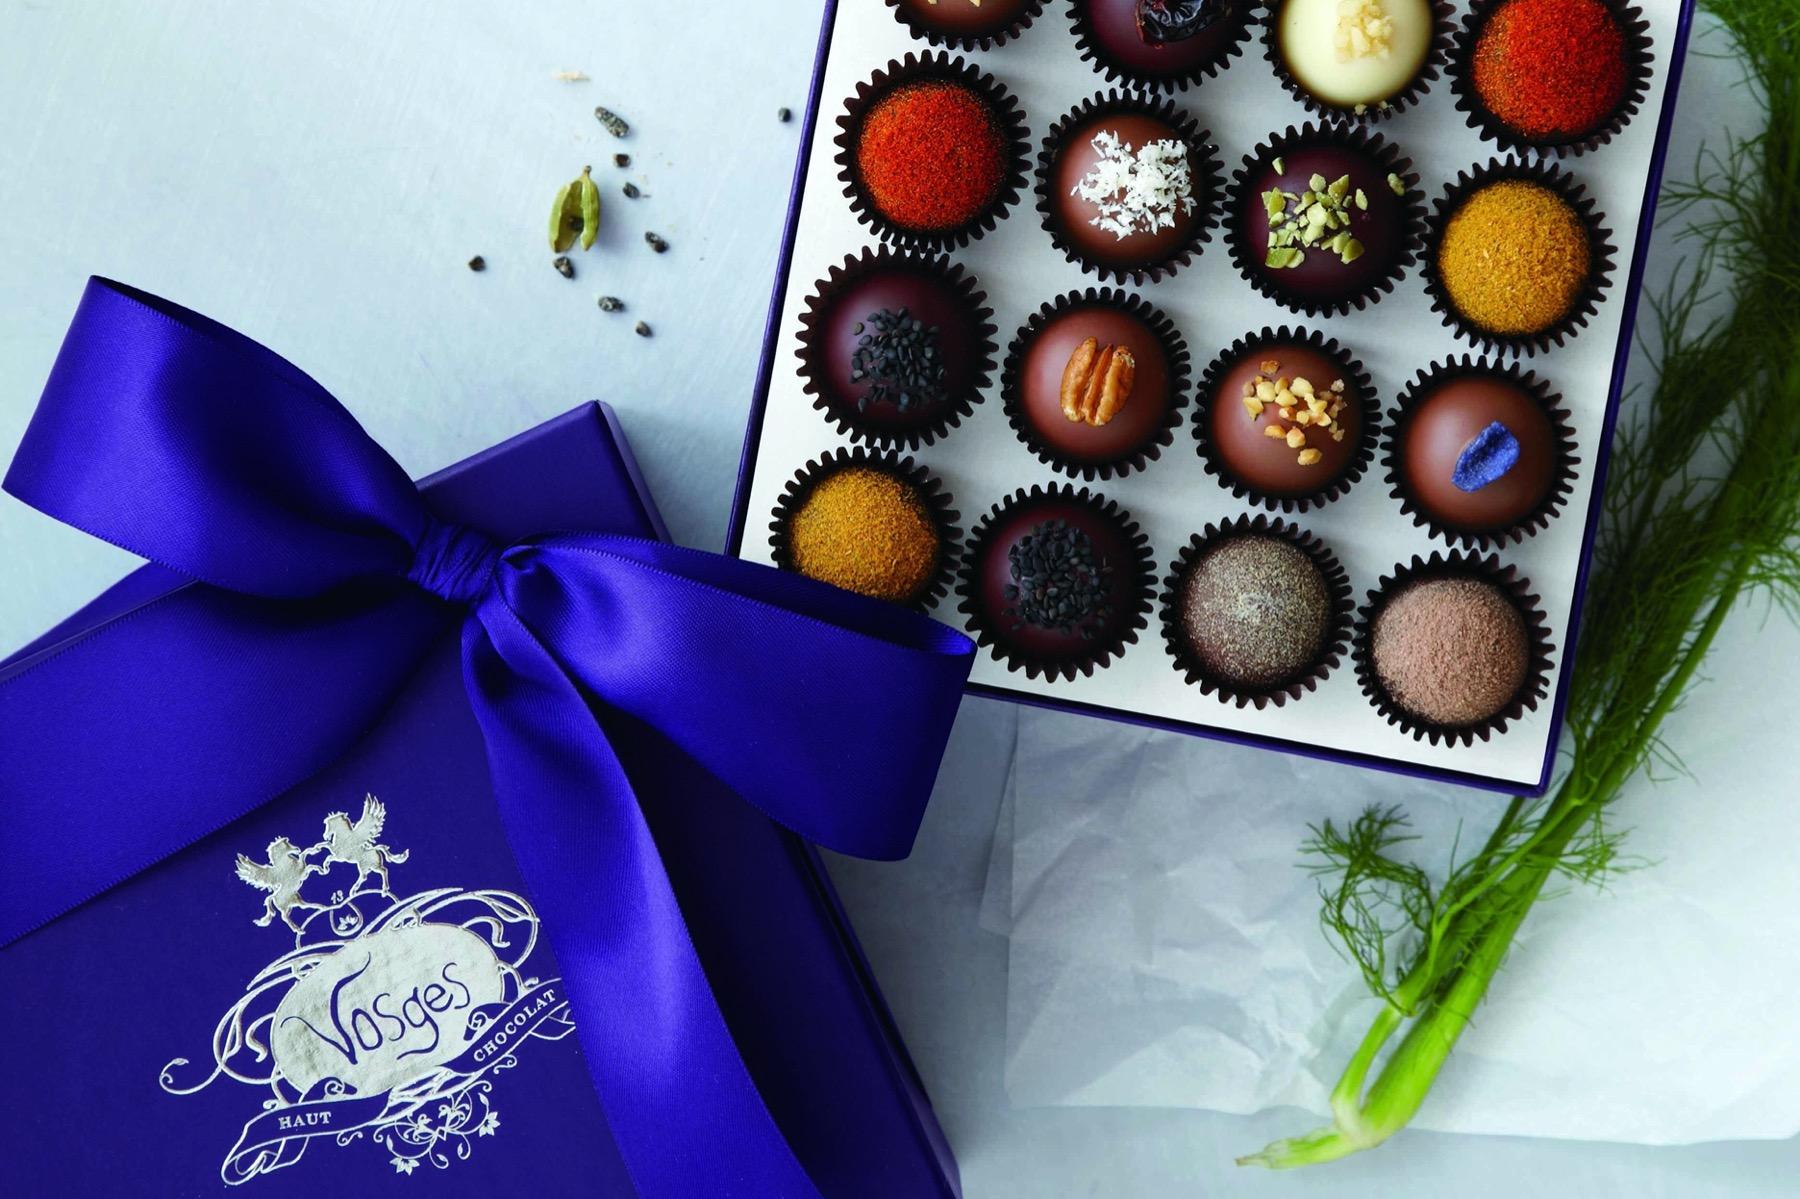 Vosges Haut Chocolat Chicago